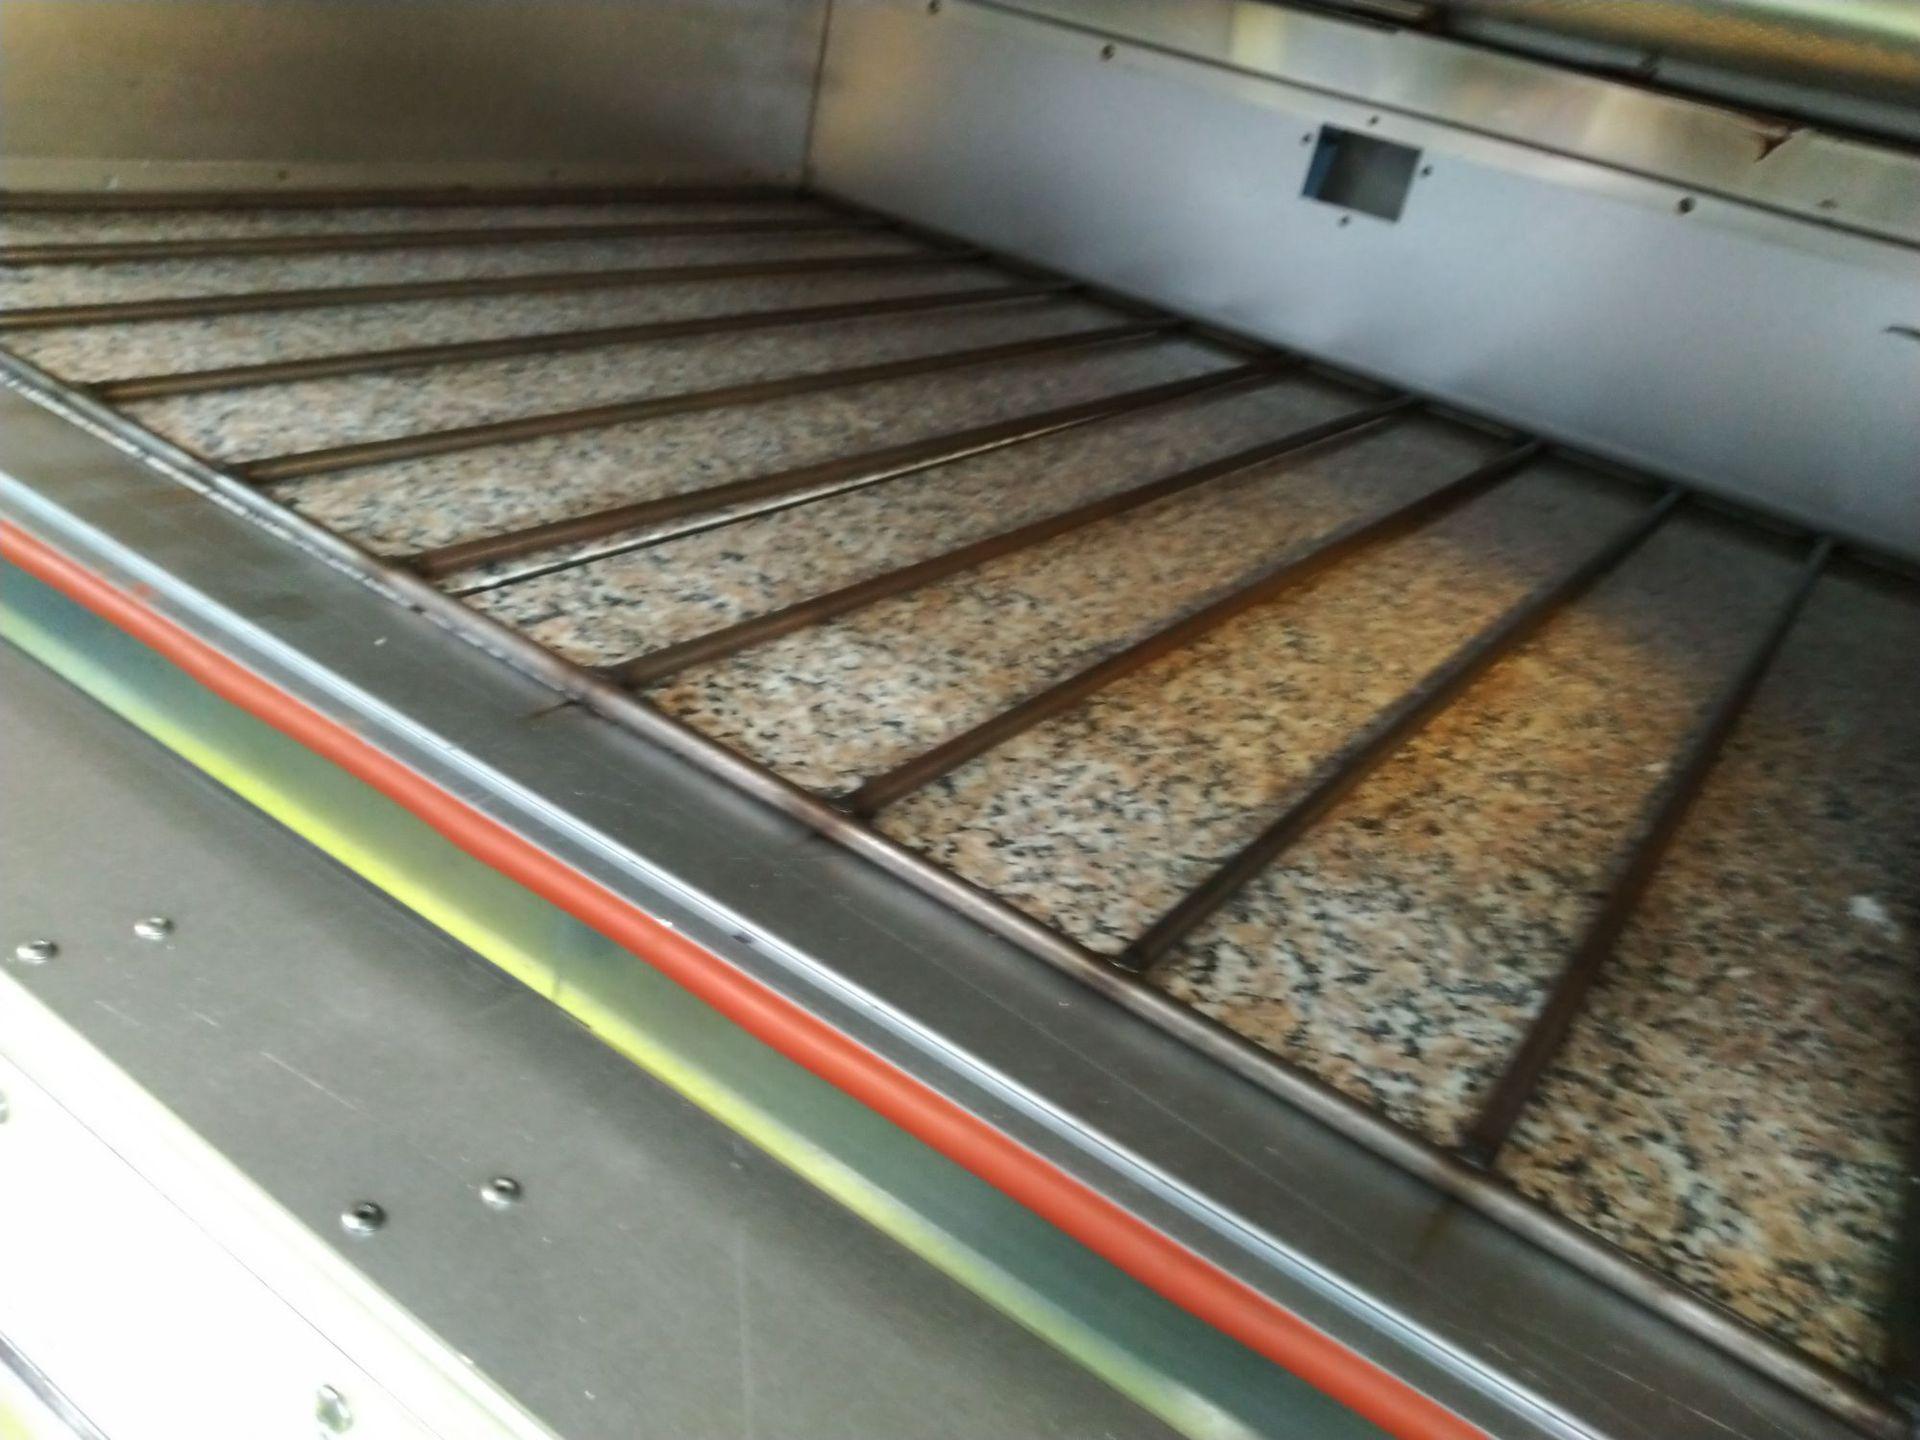 三麦机械有限公司烤箱出厂前一层铁板换石板